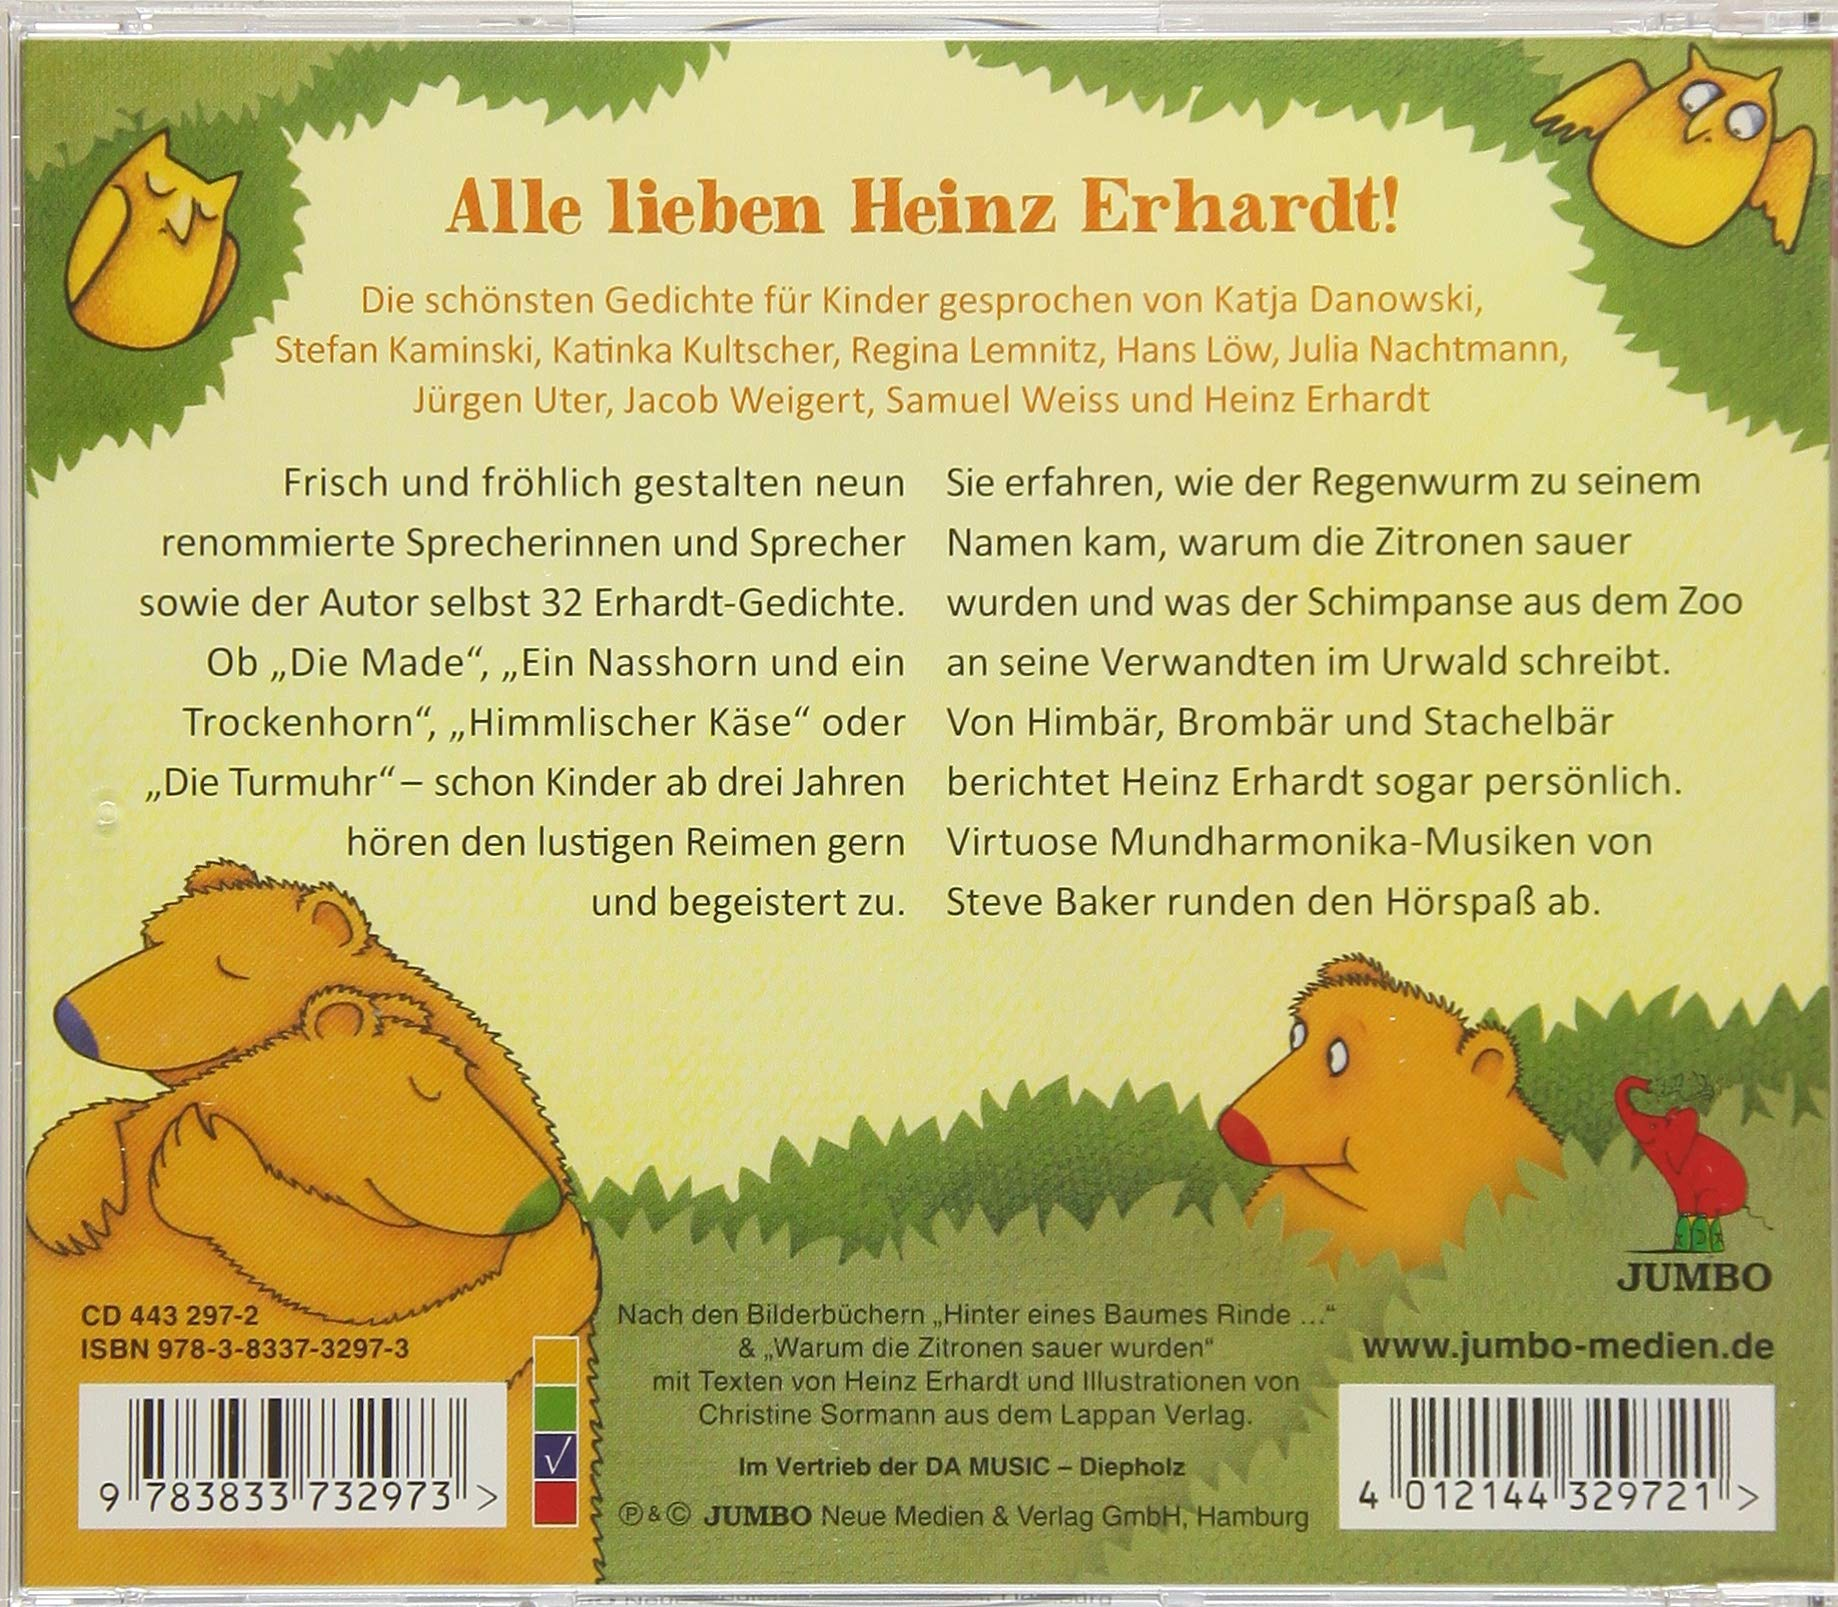 Gedichte Heinz Erhardt - Gedichten Ideen